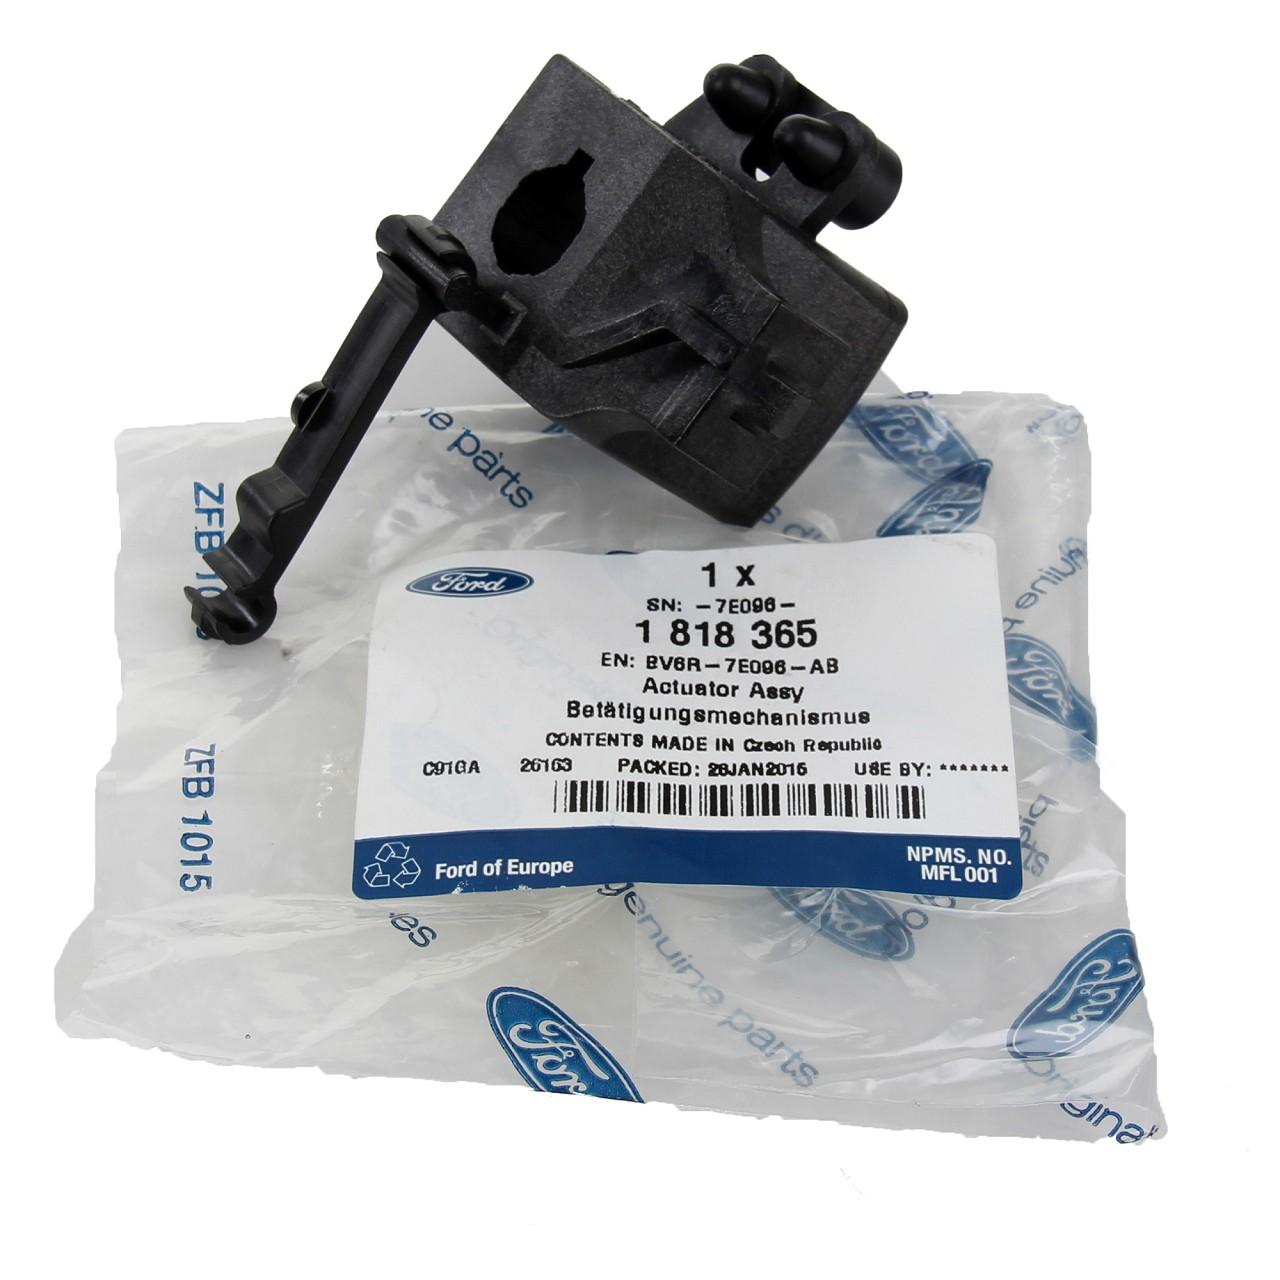 ORIGINAL Ford Zugfeder für Schalthebel FOCUS III MK3 ab 01.2011 1818365